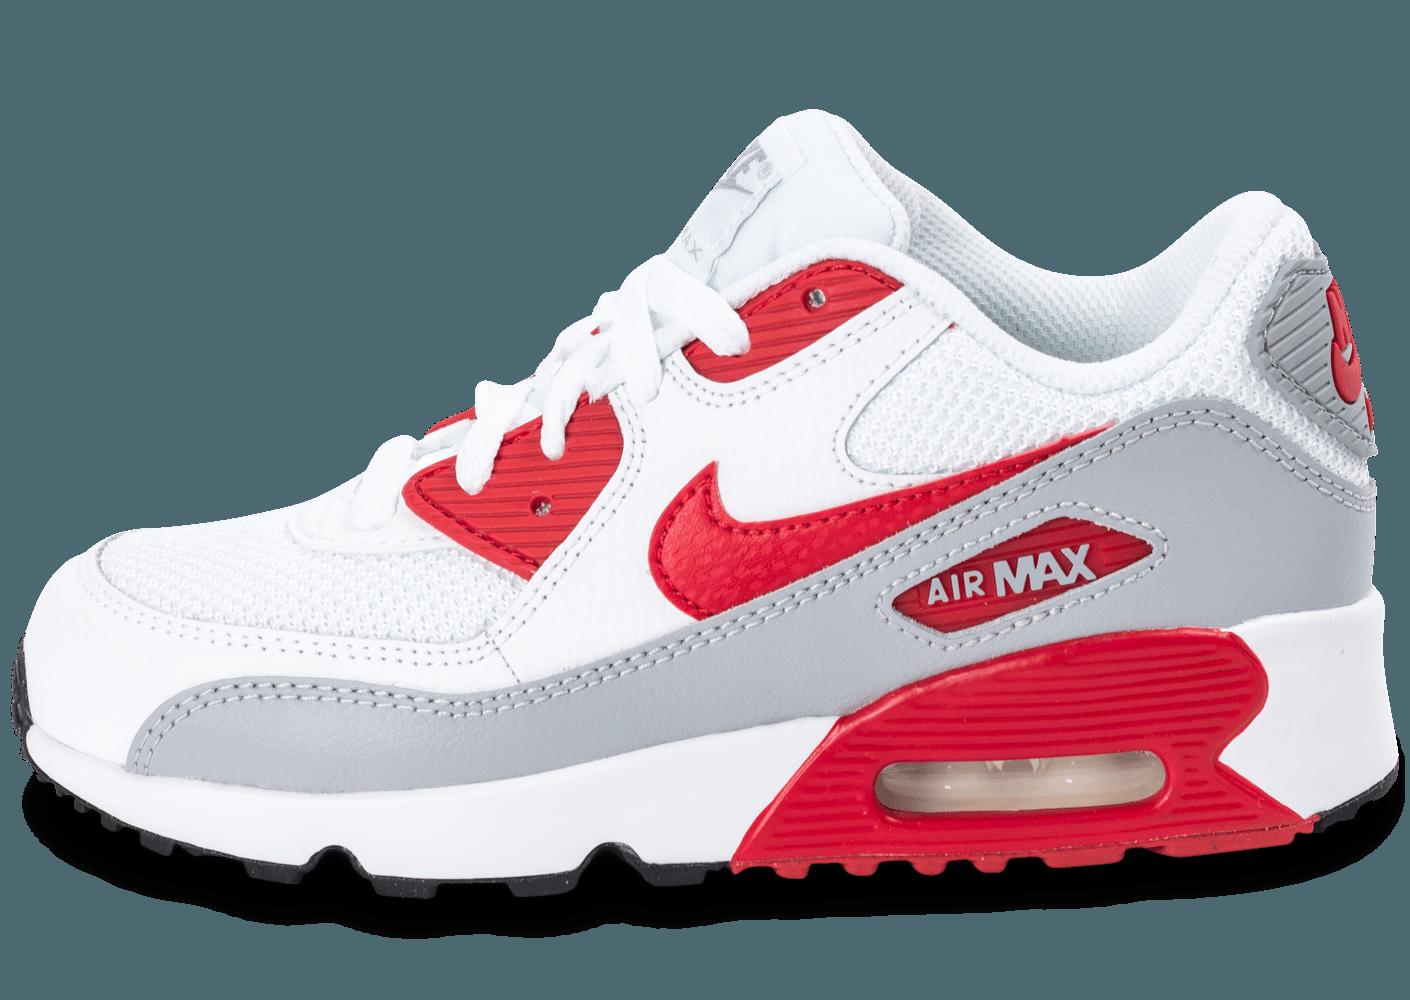 sports shoes 0bbaf c27ac Venez découvrir notre sélection de produits air max 90 rouge et blanche au  meilleur prix sur .- bamboobar.fr